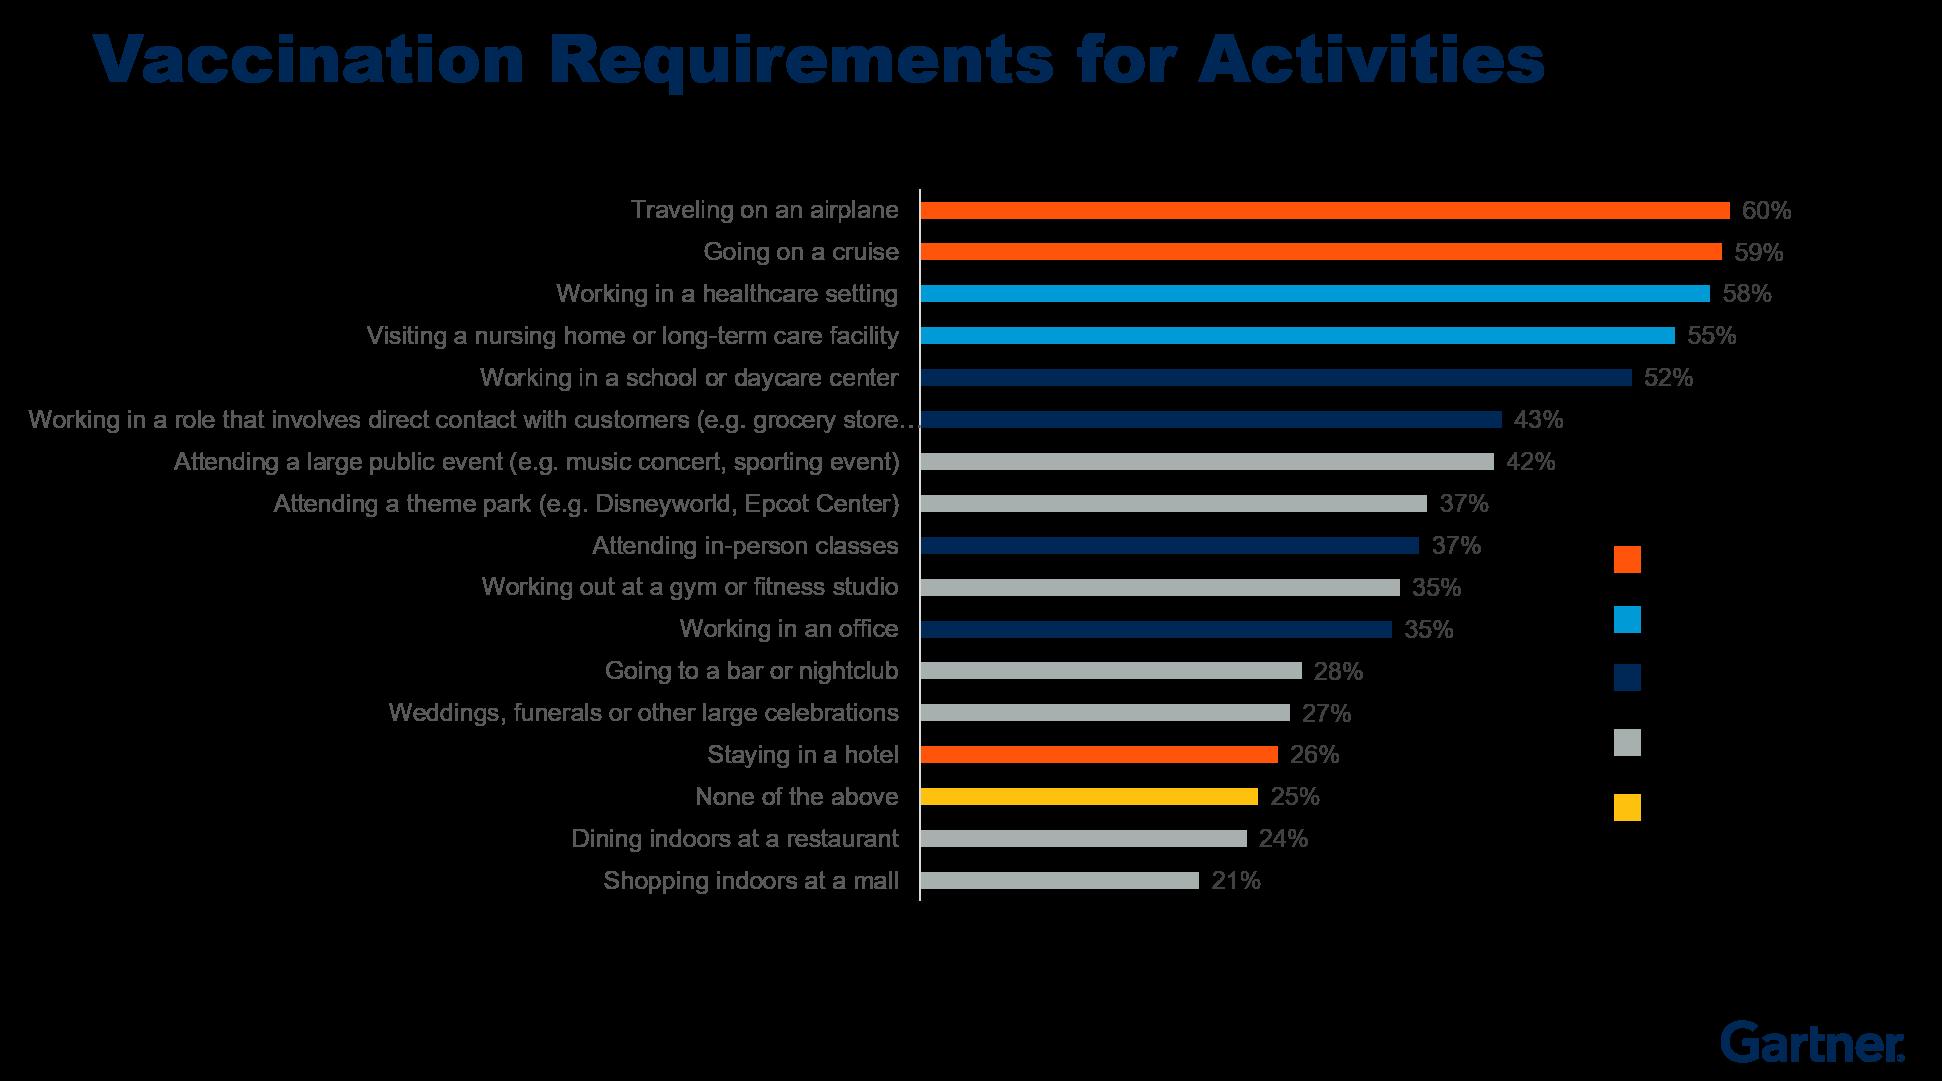 Figure 3. Vaccine Requirements for Activities